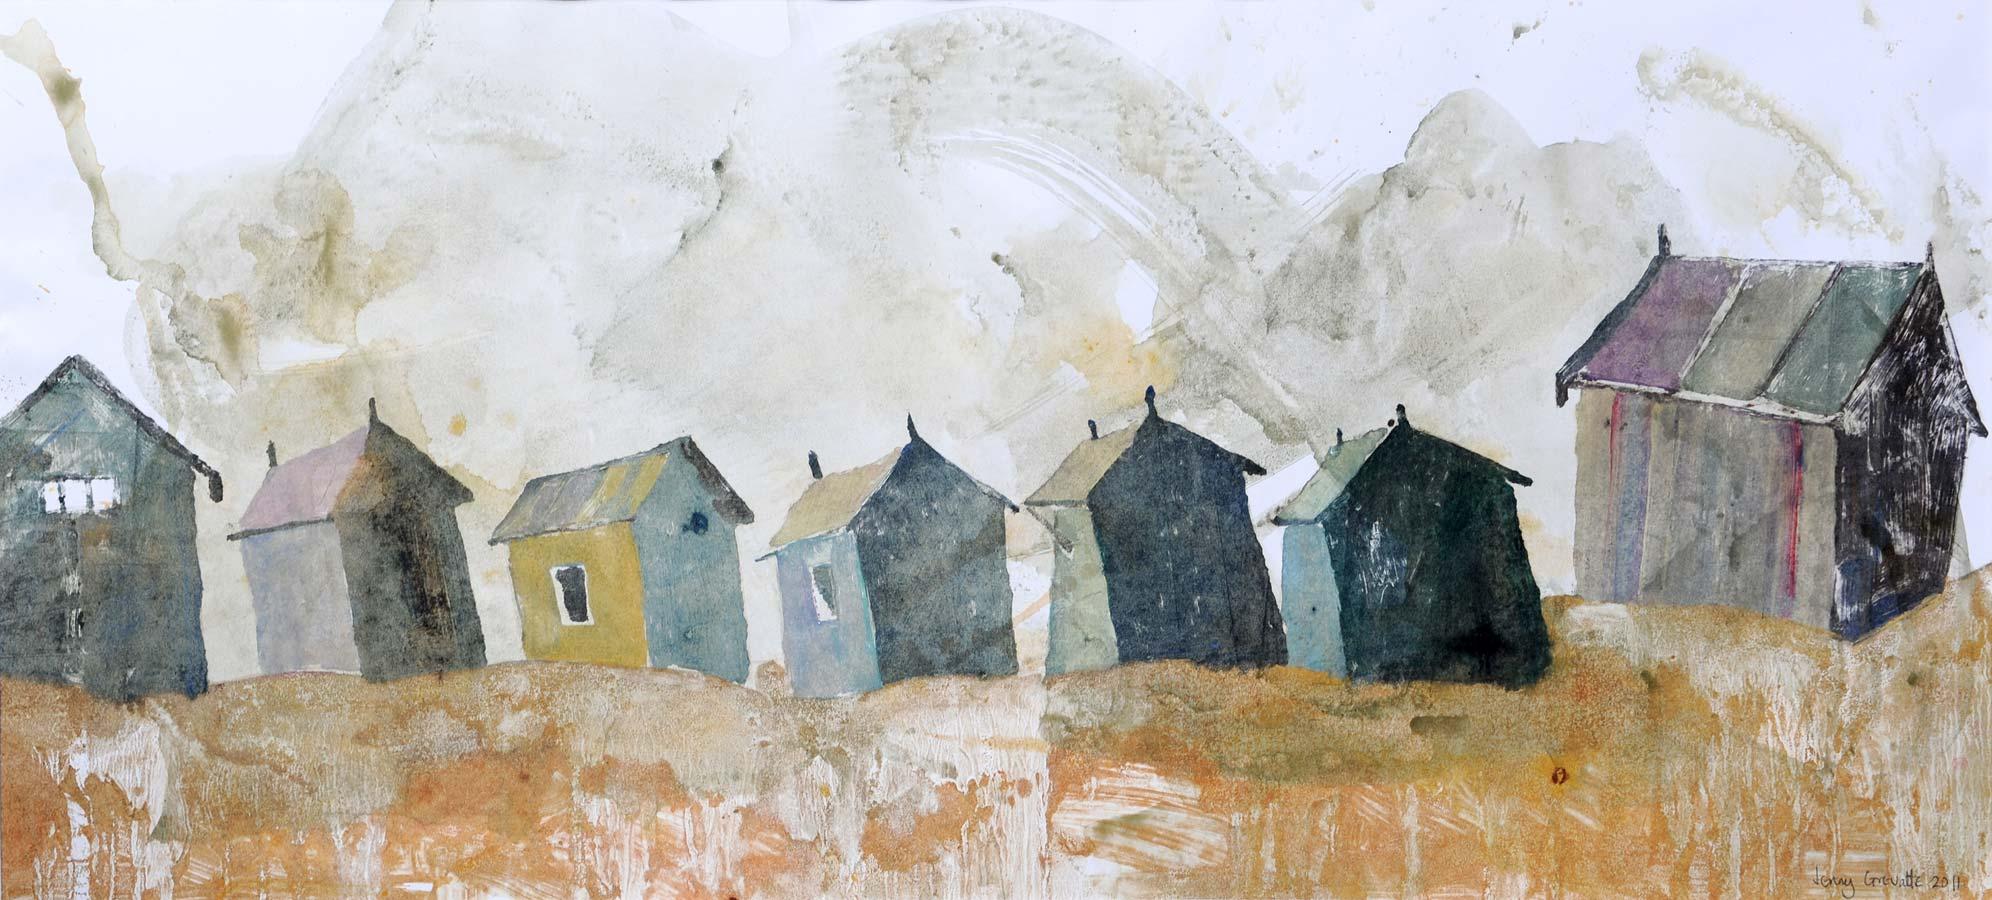 Suffolk huts